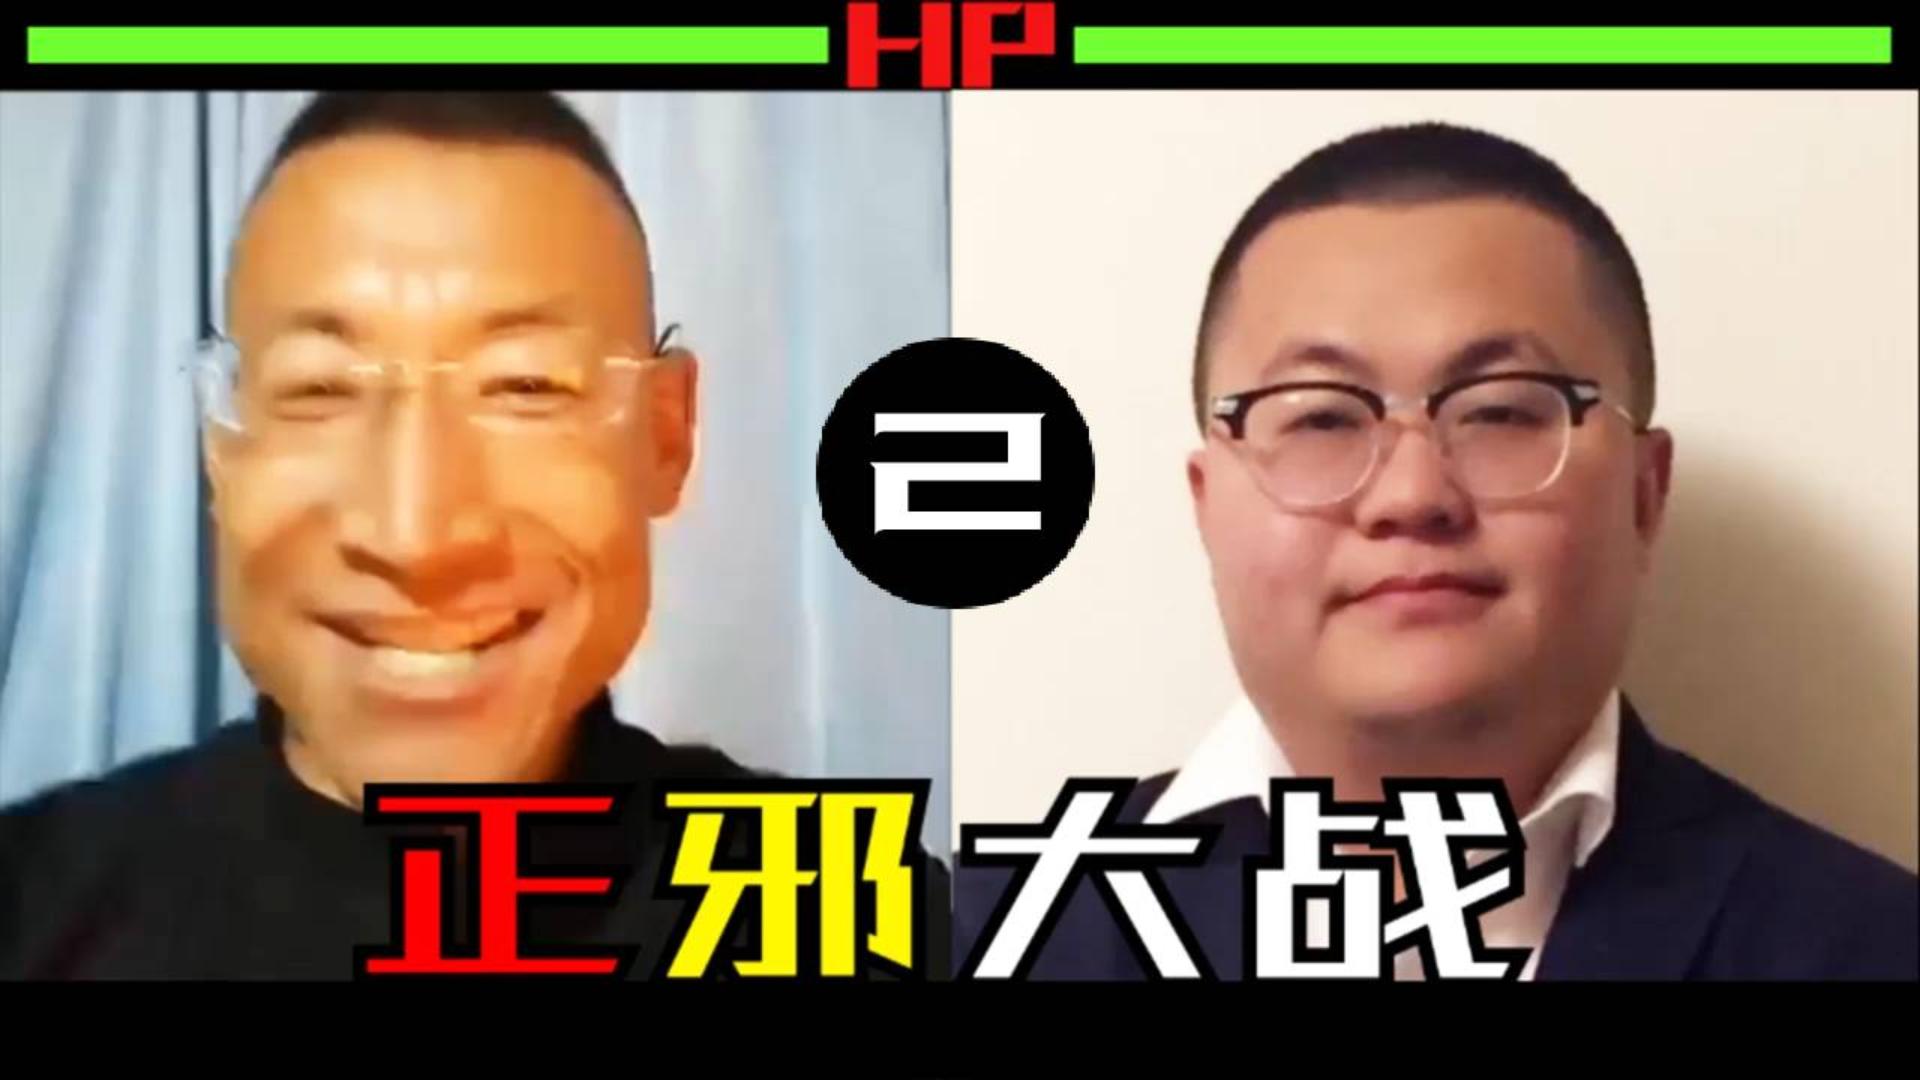 【孙笑川奥利给】正能量VS负能量(第二回合)